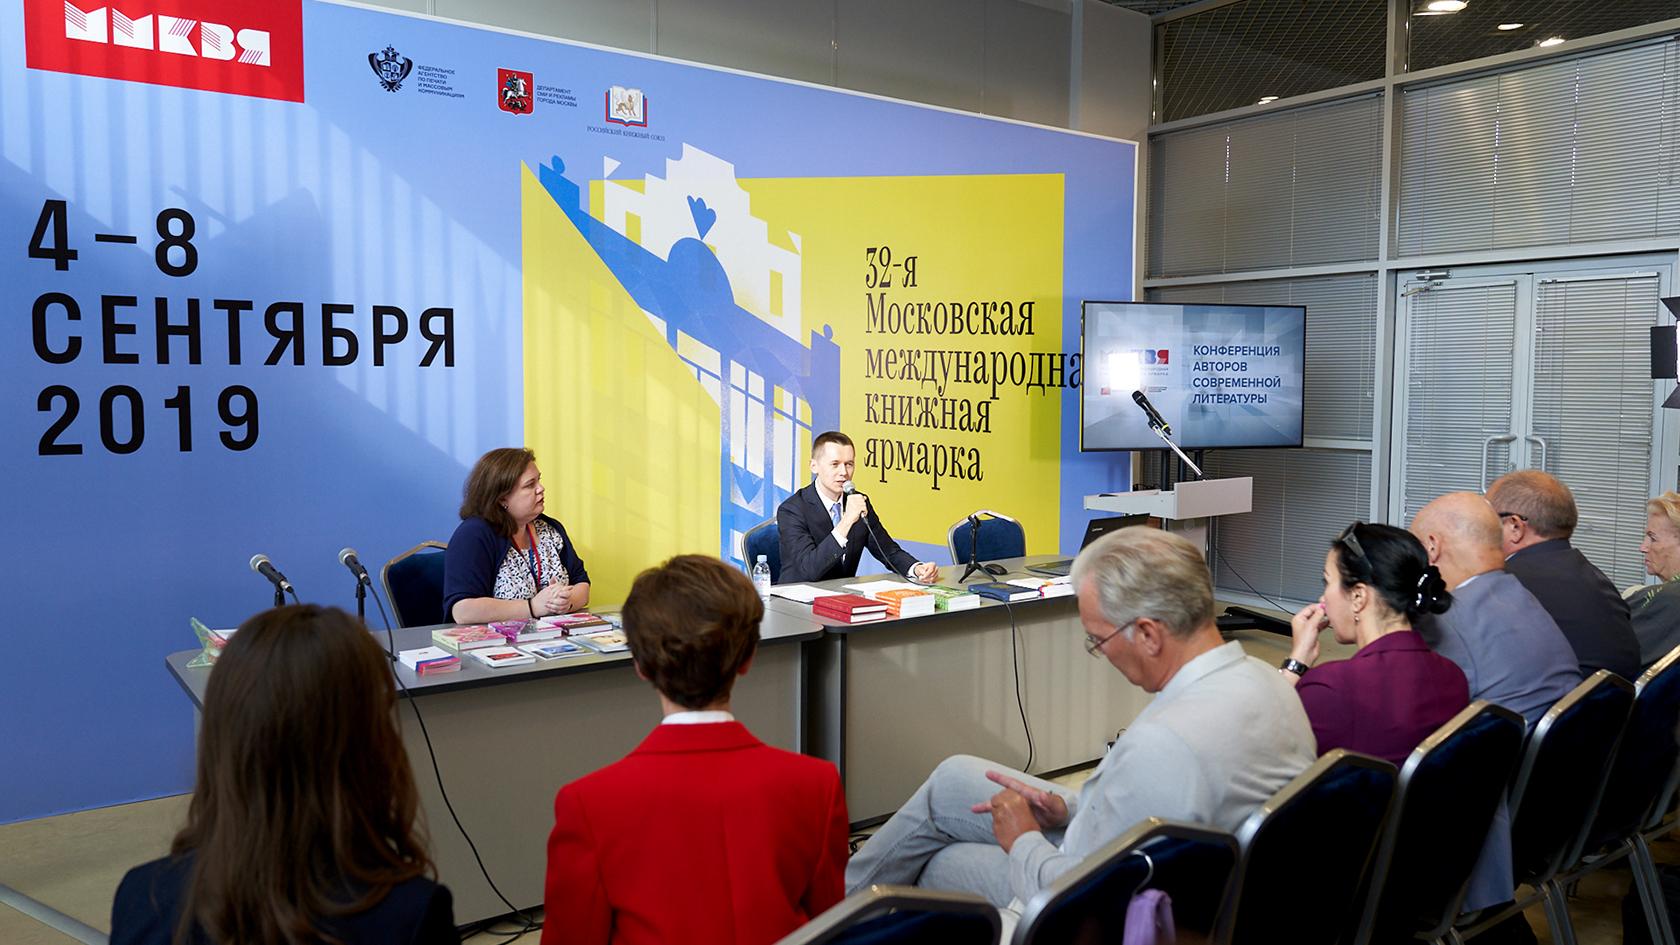 Конференция авторов современной литературы на Московской книжной ярмарке